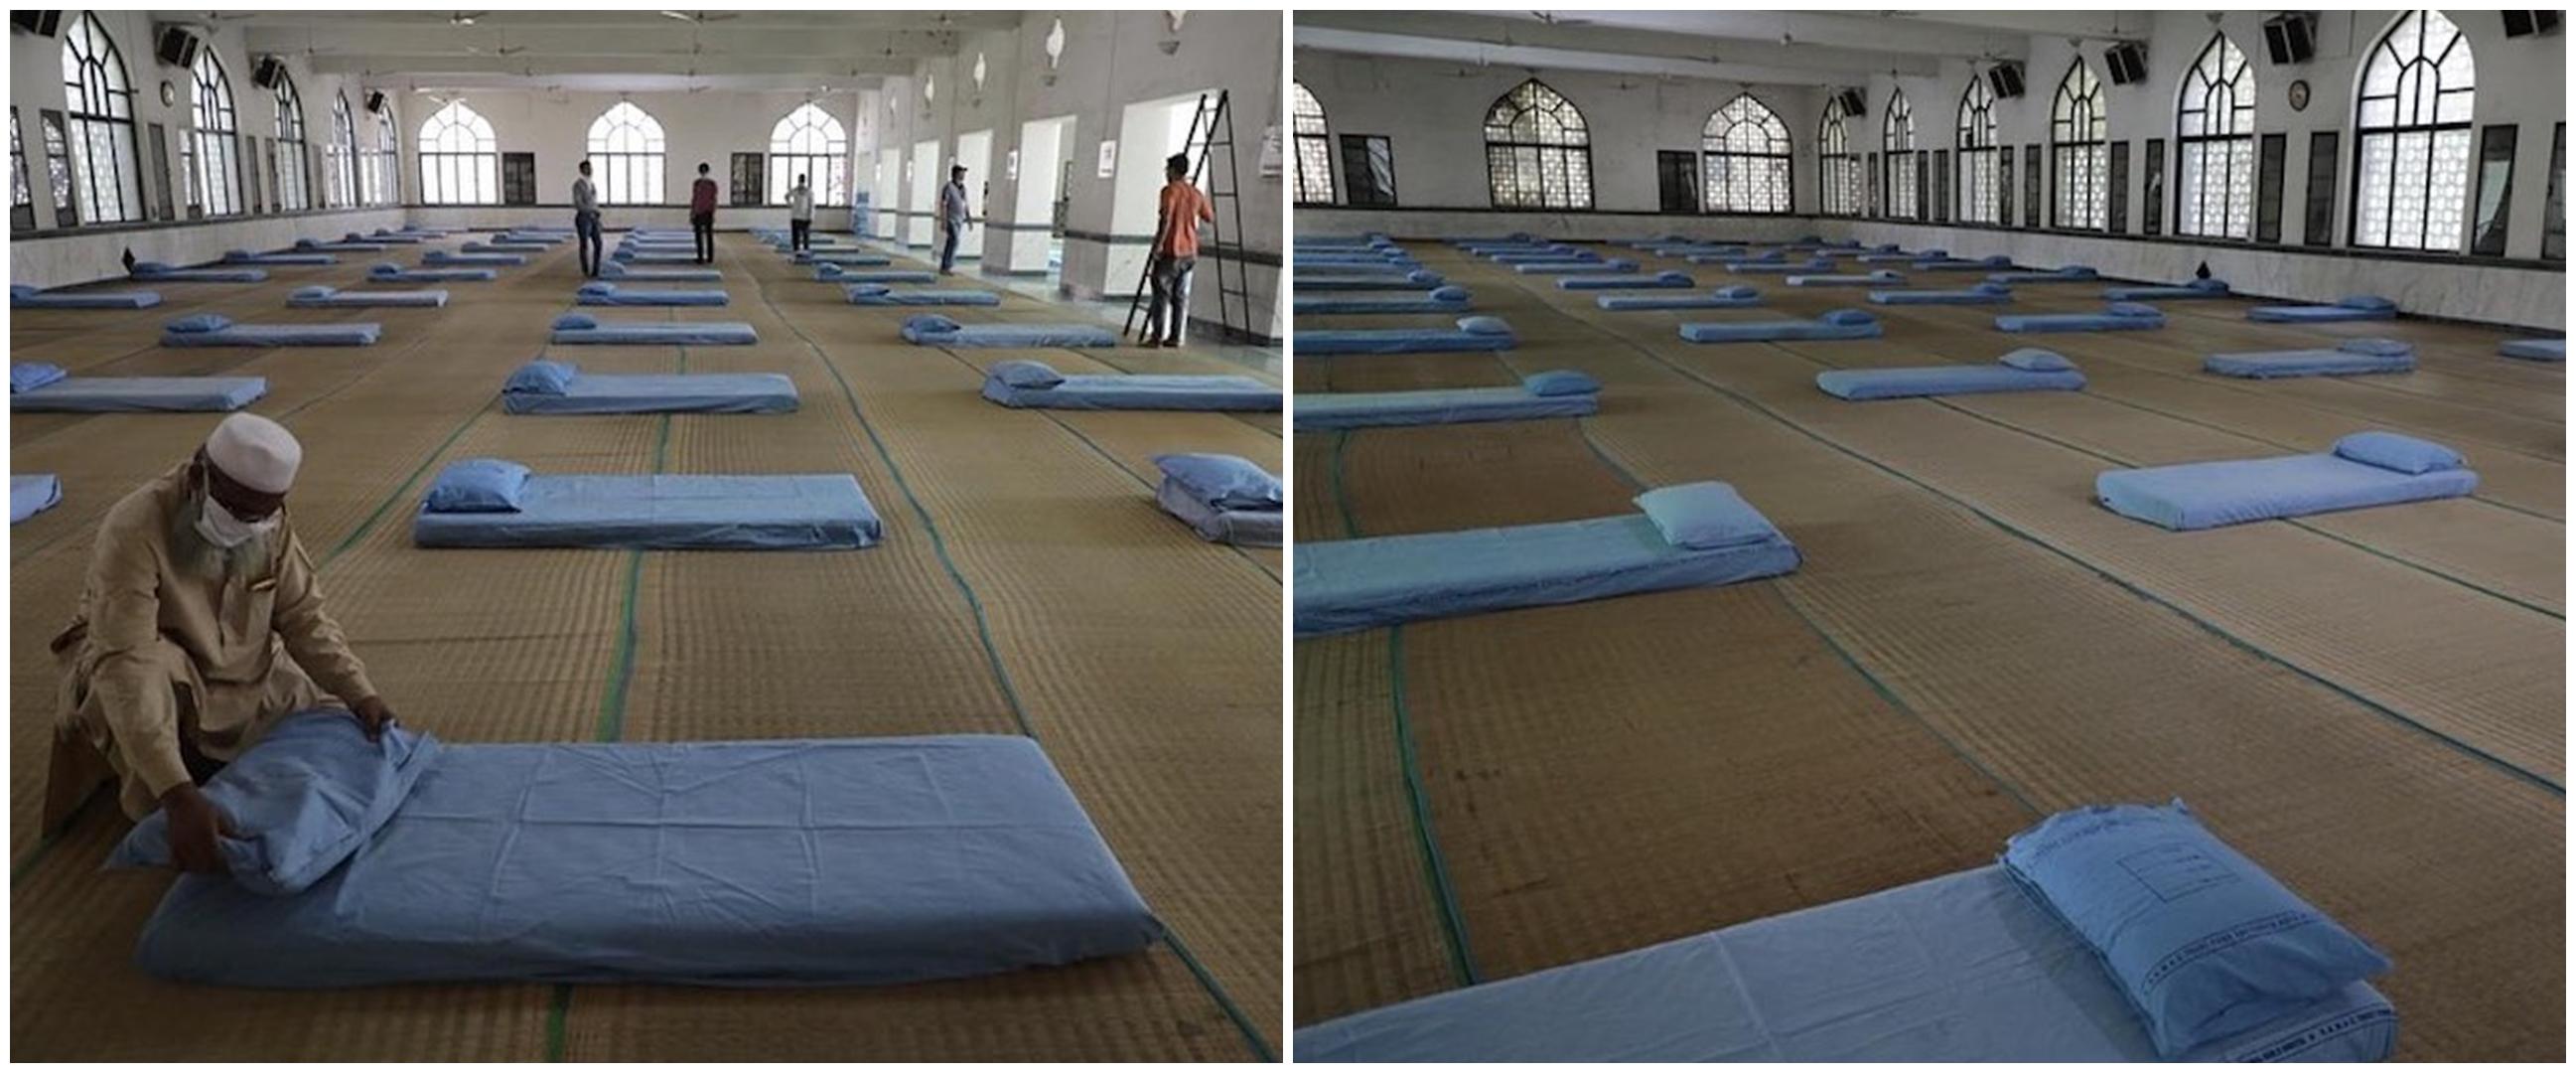 Pasien corona bertambah, masjid diubah jadi tempat karantina